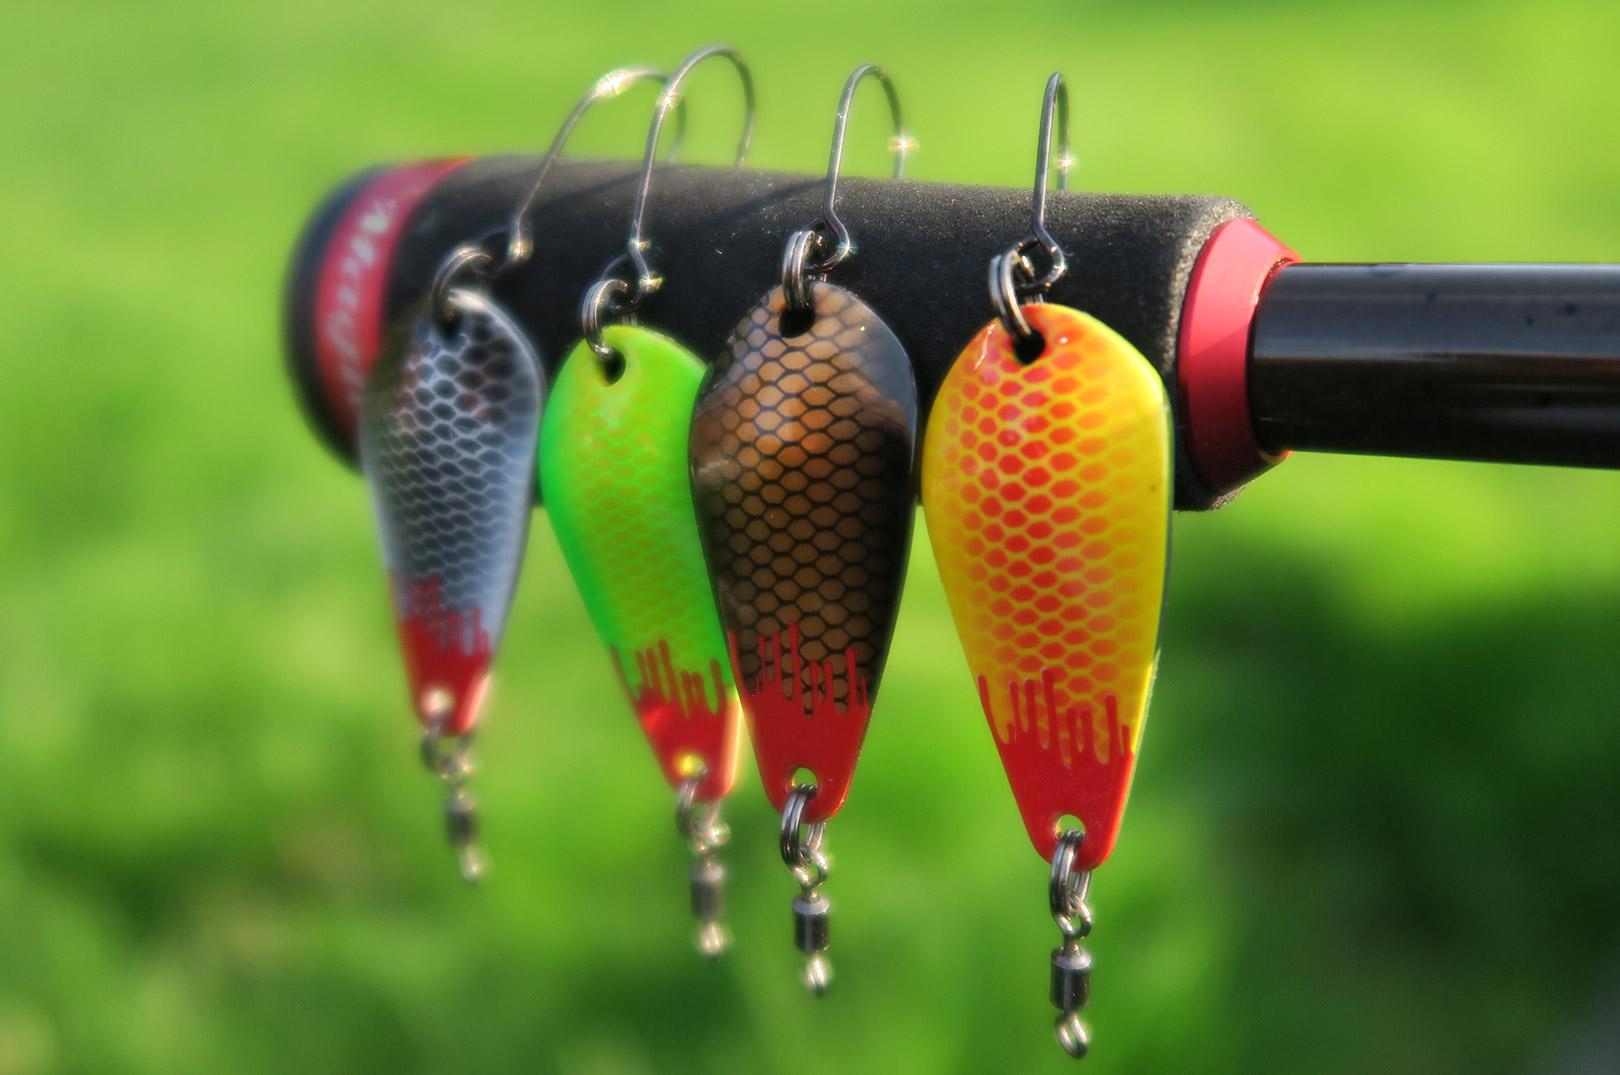 Små spoons i forskellige farver er et sikkert hit til P&T-søens monstre.